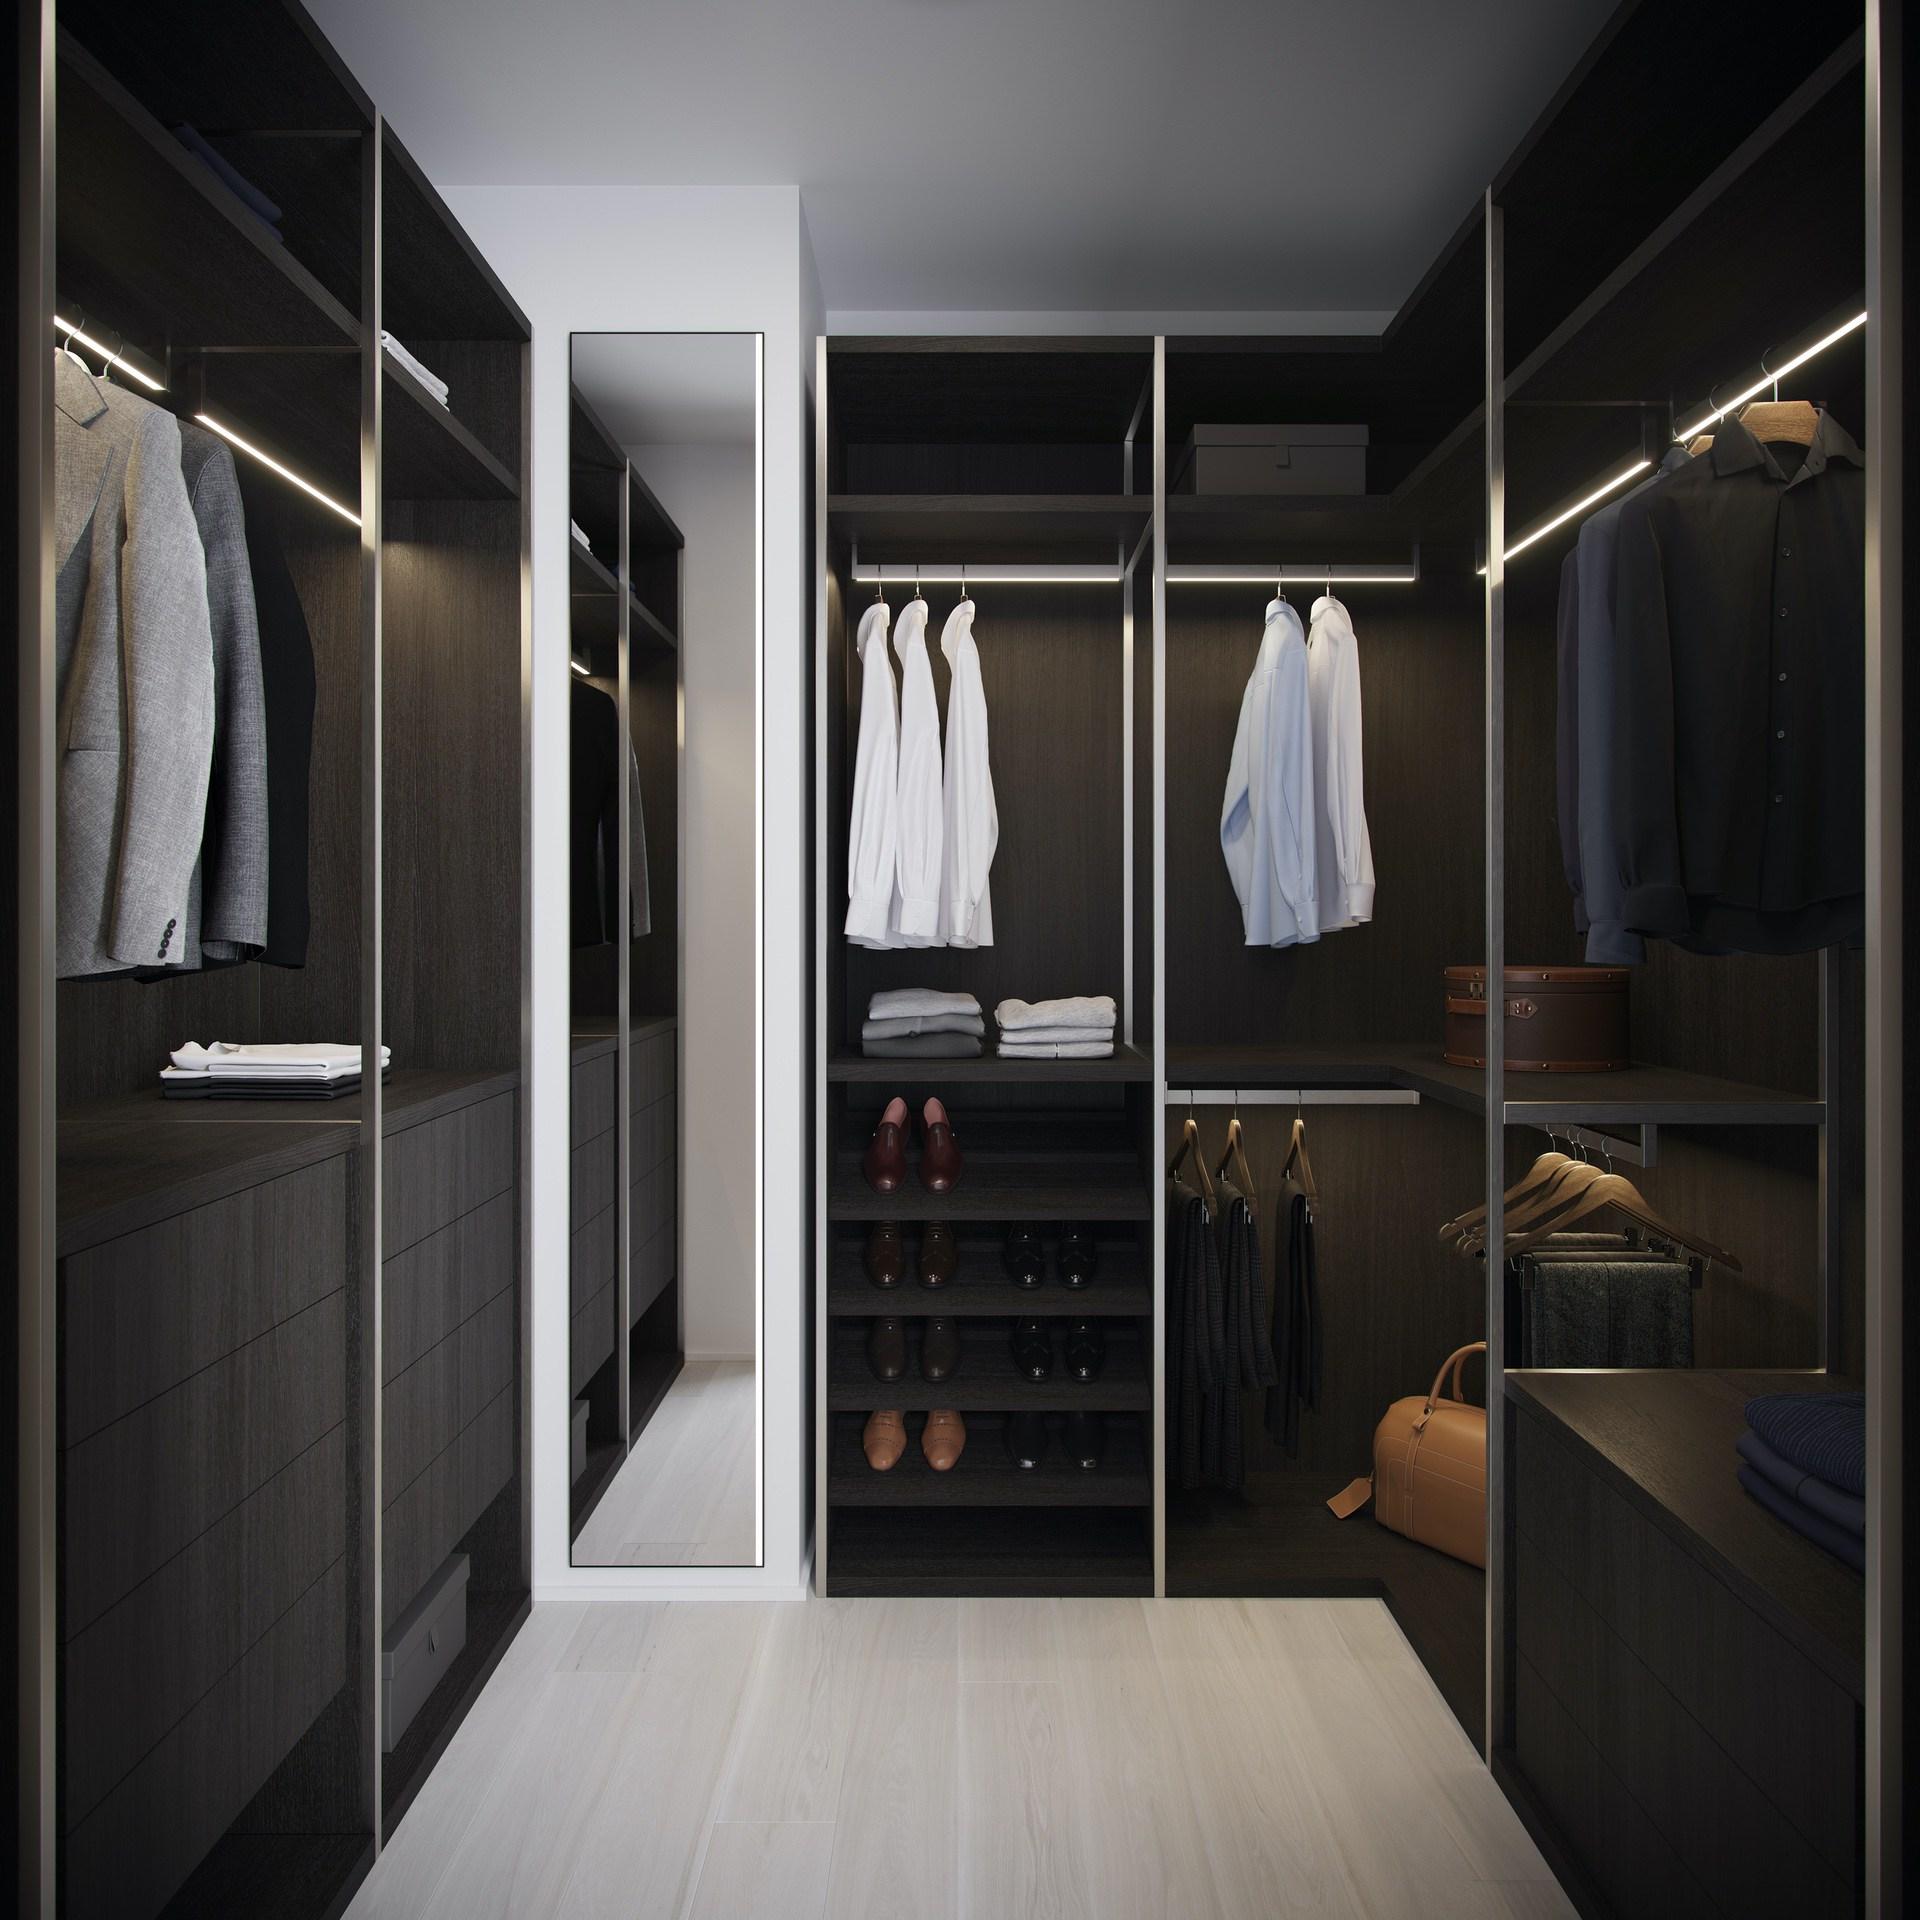 Aston_Martin_NY_Apartments_0001